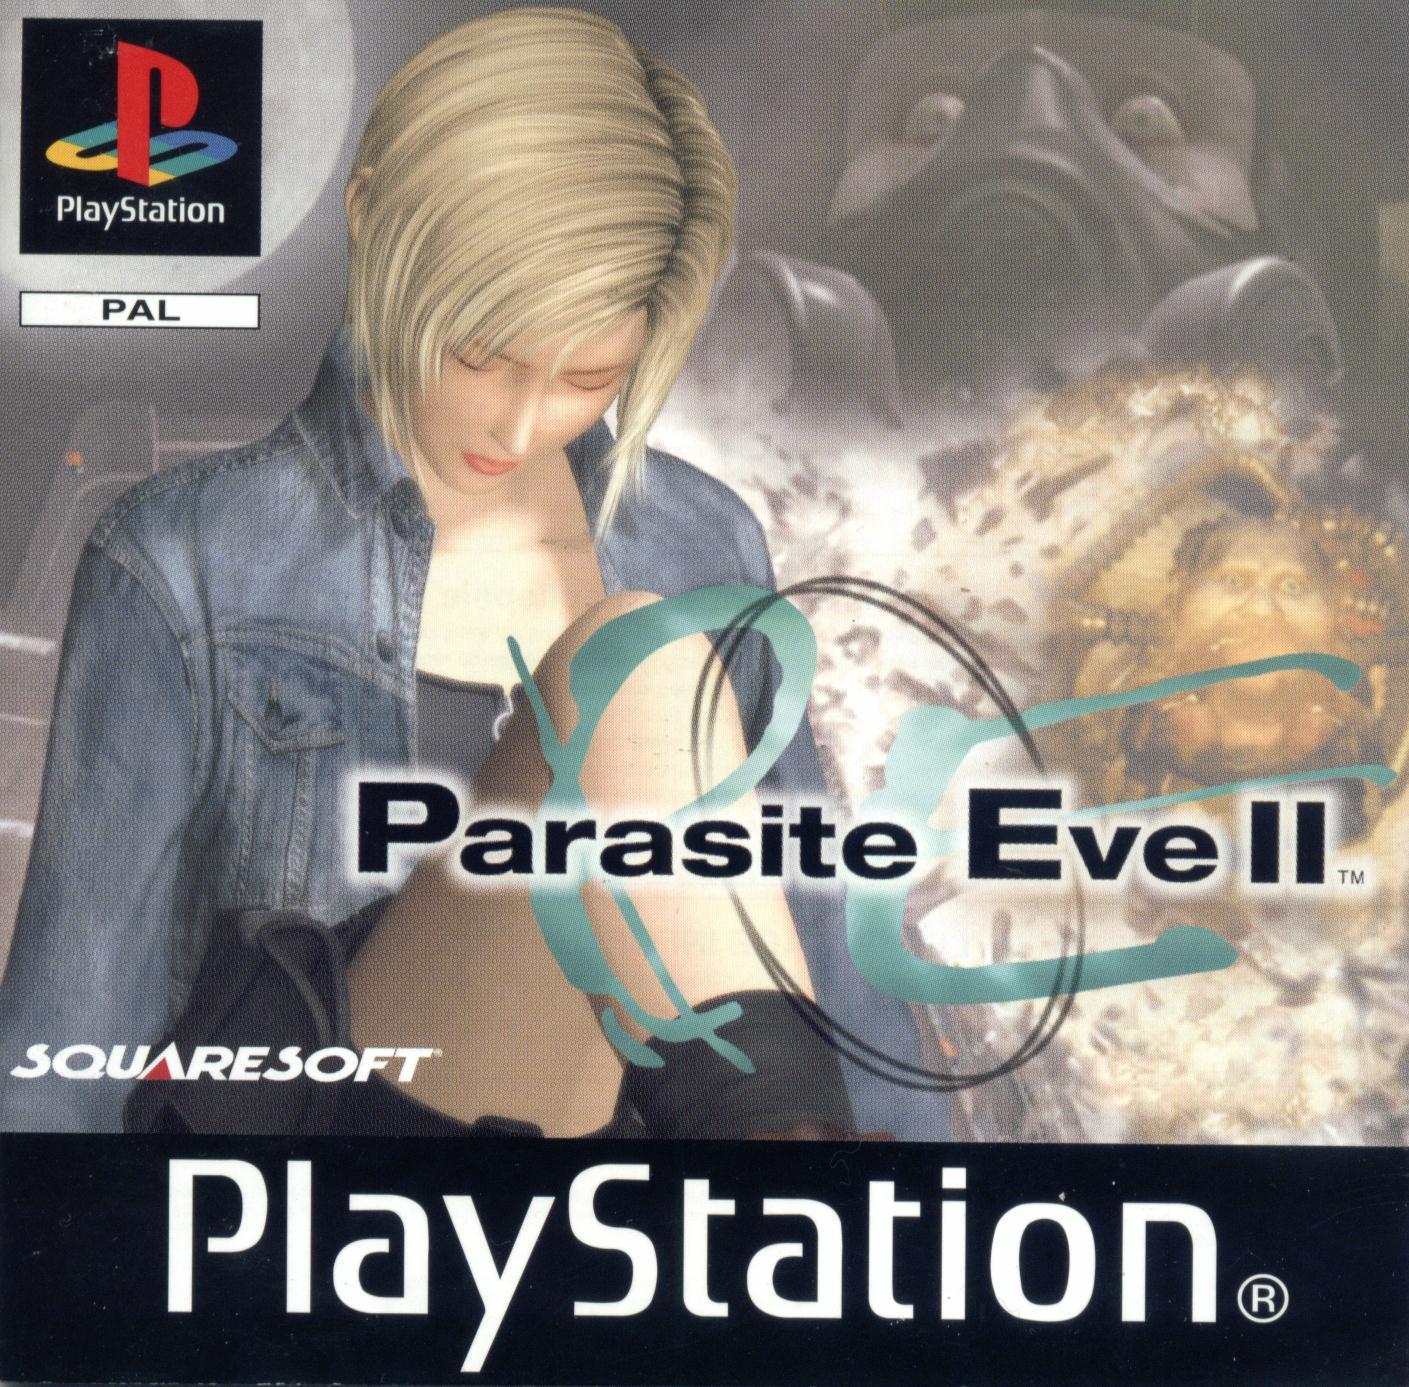 http://3.bp.blogspot.com/_W6UC9y92S-k/TCYmC0Pr1bI/AAAAAAAAACw/I_ex3I0W-ZU/s1600/parasite_eve_2_pal.jpg